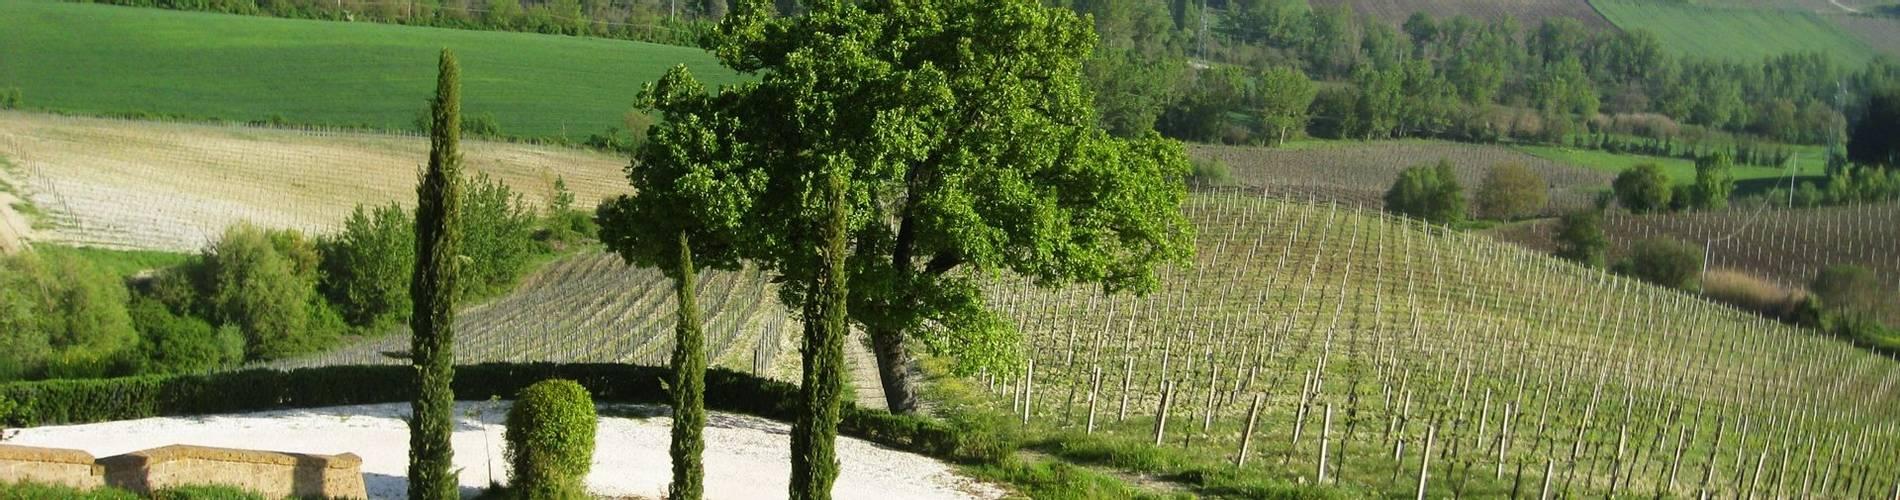 Locanda Palazzone, Umbria, Italy, Junior Suite (7).JPG